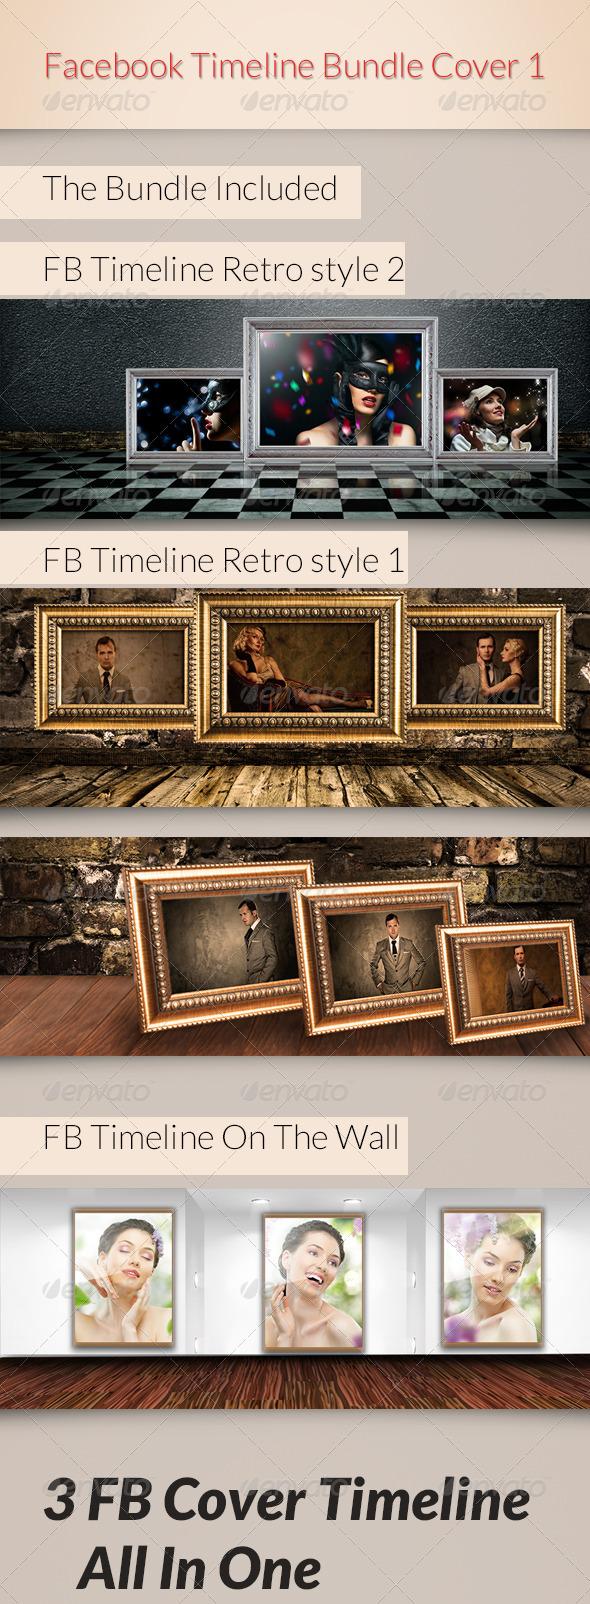 FB Timeline Bundle Cover 1 - Facebook Timeline Covers Social Media